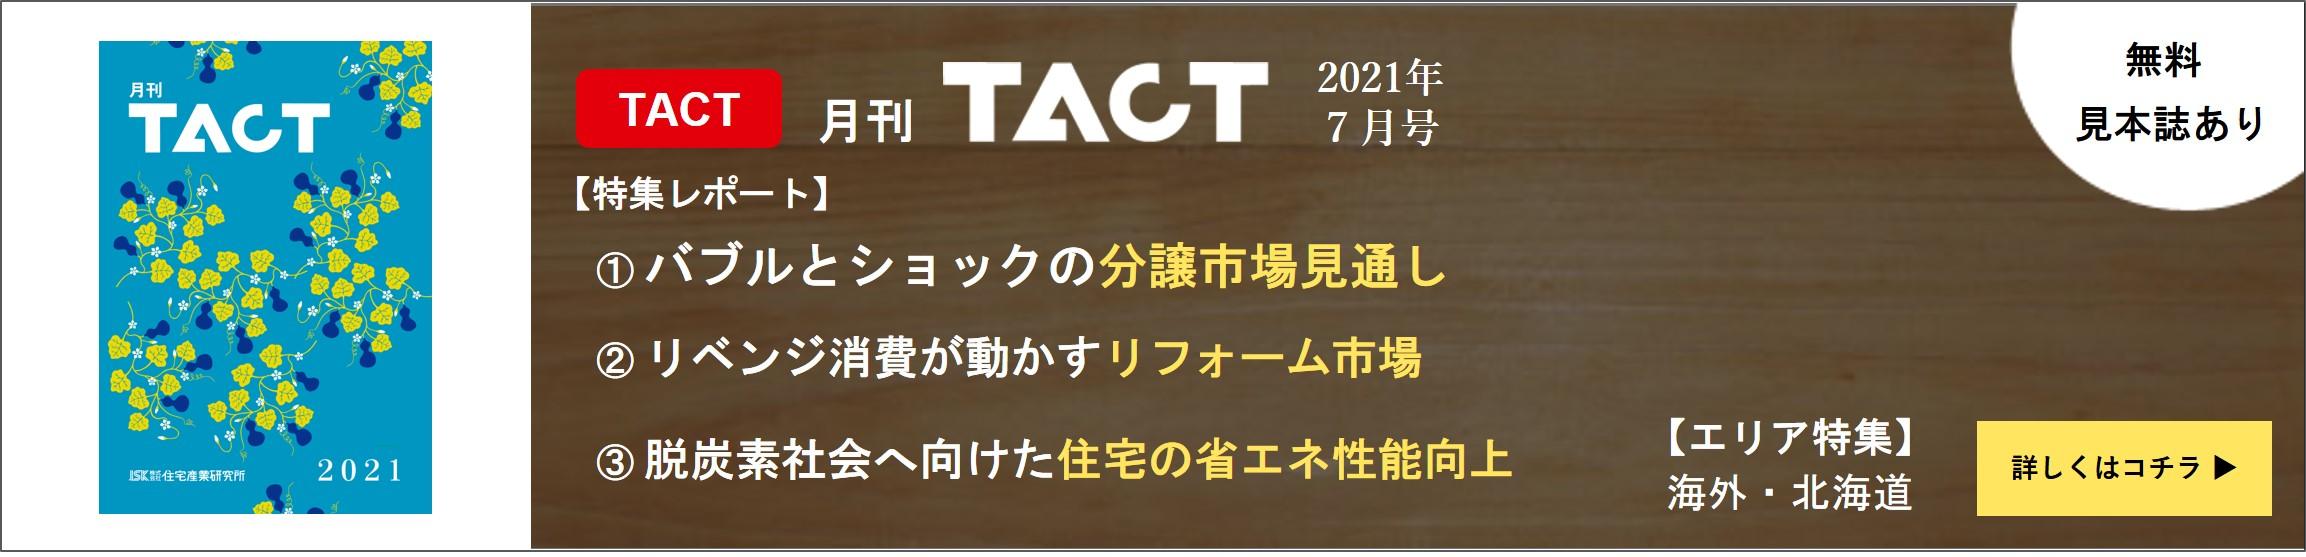 月刊TACT